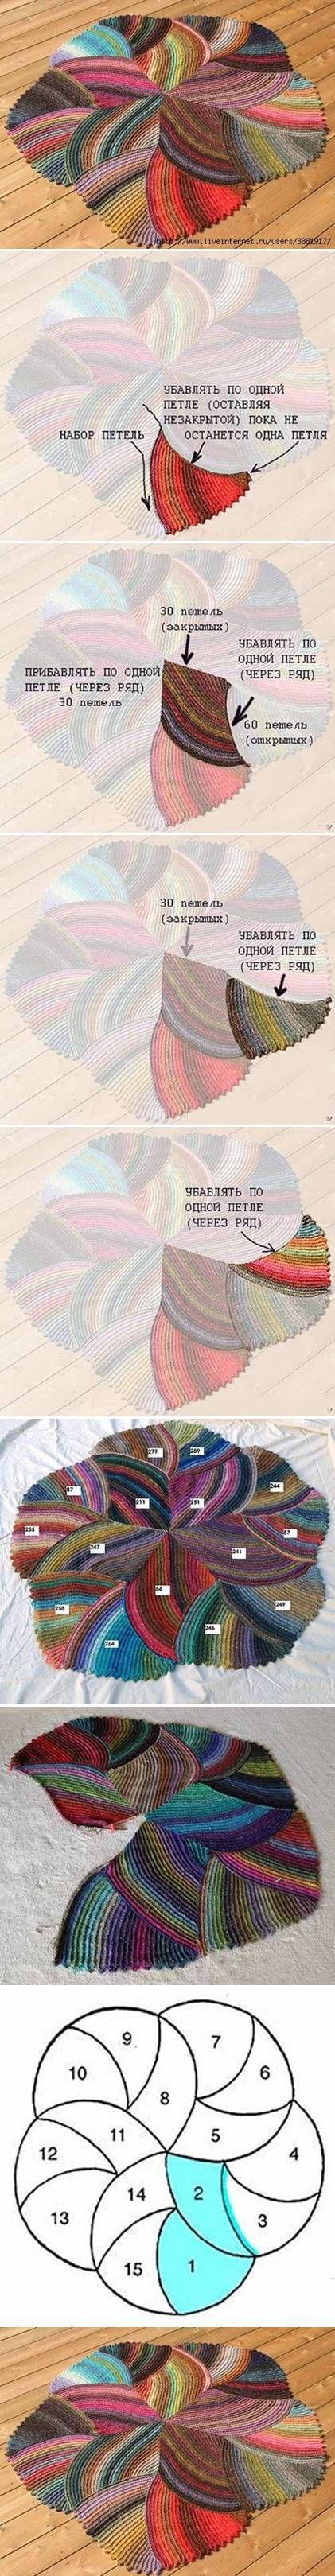 Dieser Teppich ist gestrickt, aber die Grundidee läßt sich